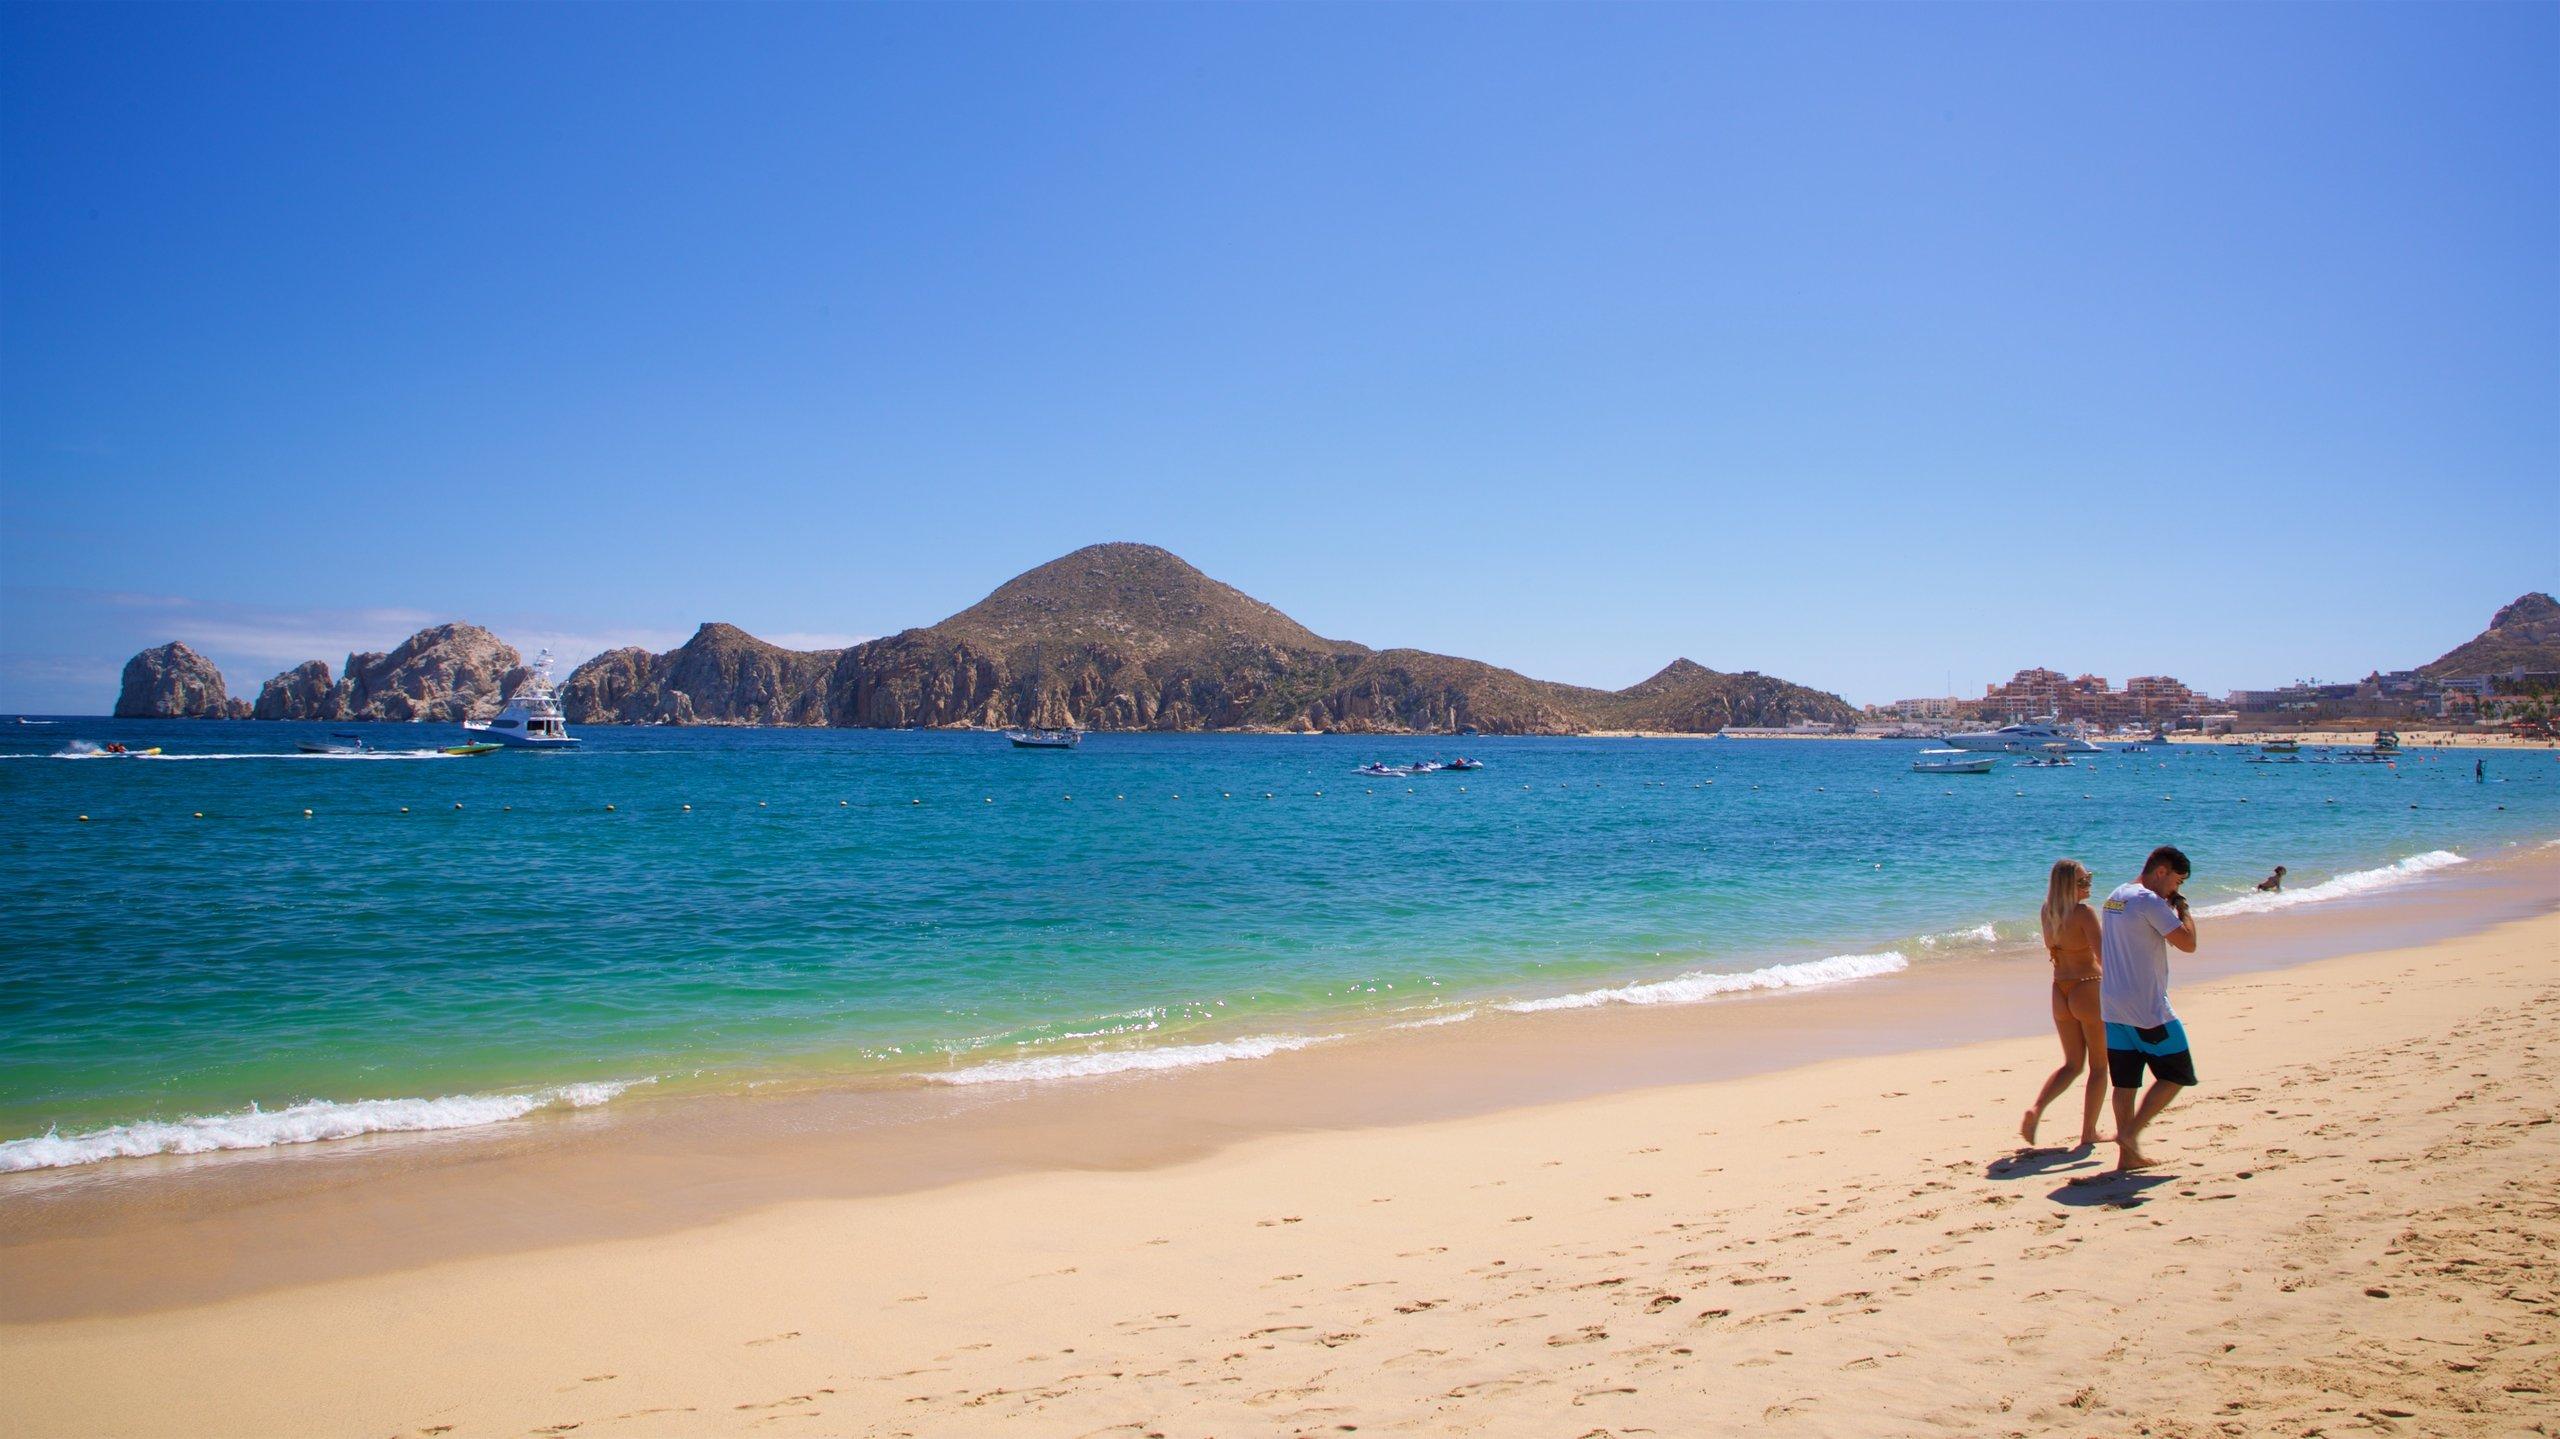 Strand El Médano, Los Cabos, Baja California Sur/Süden der Baja California, Mexiko